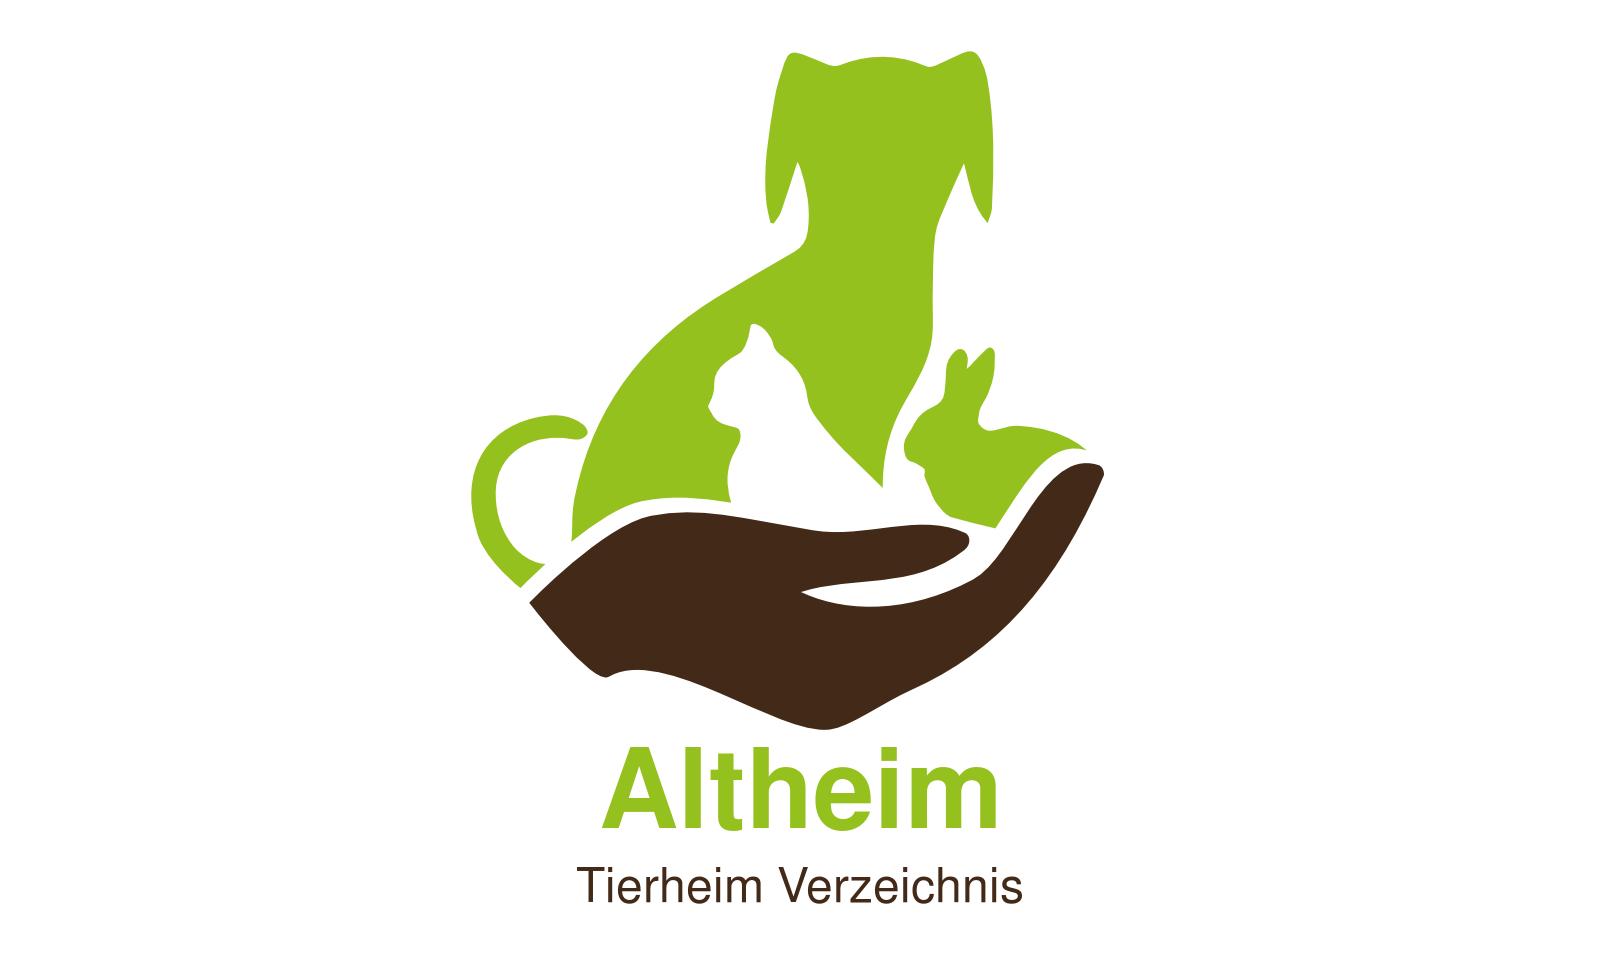 Tierheim Altheim